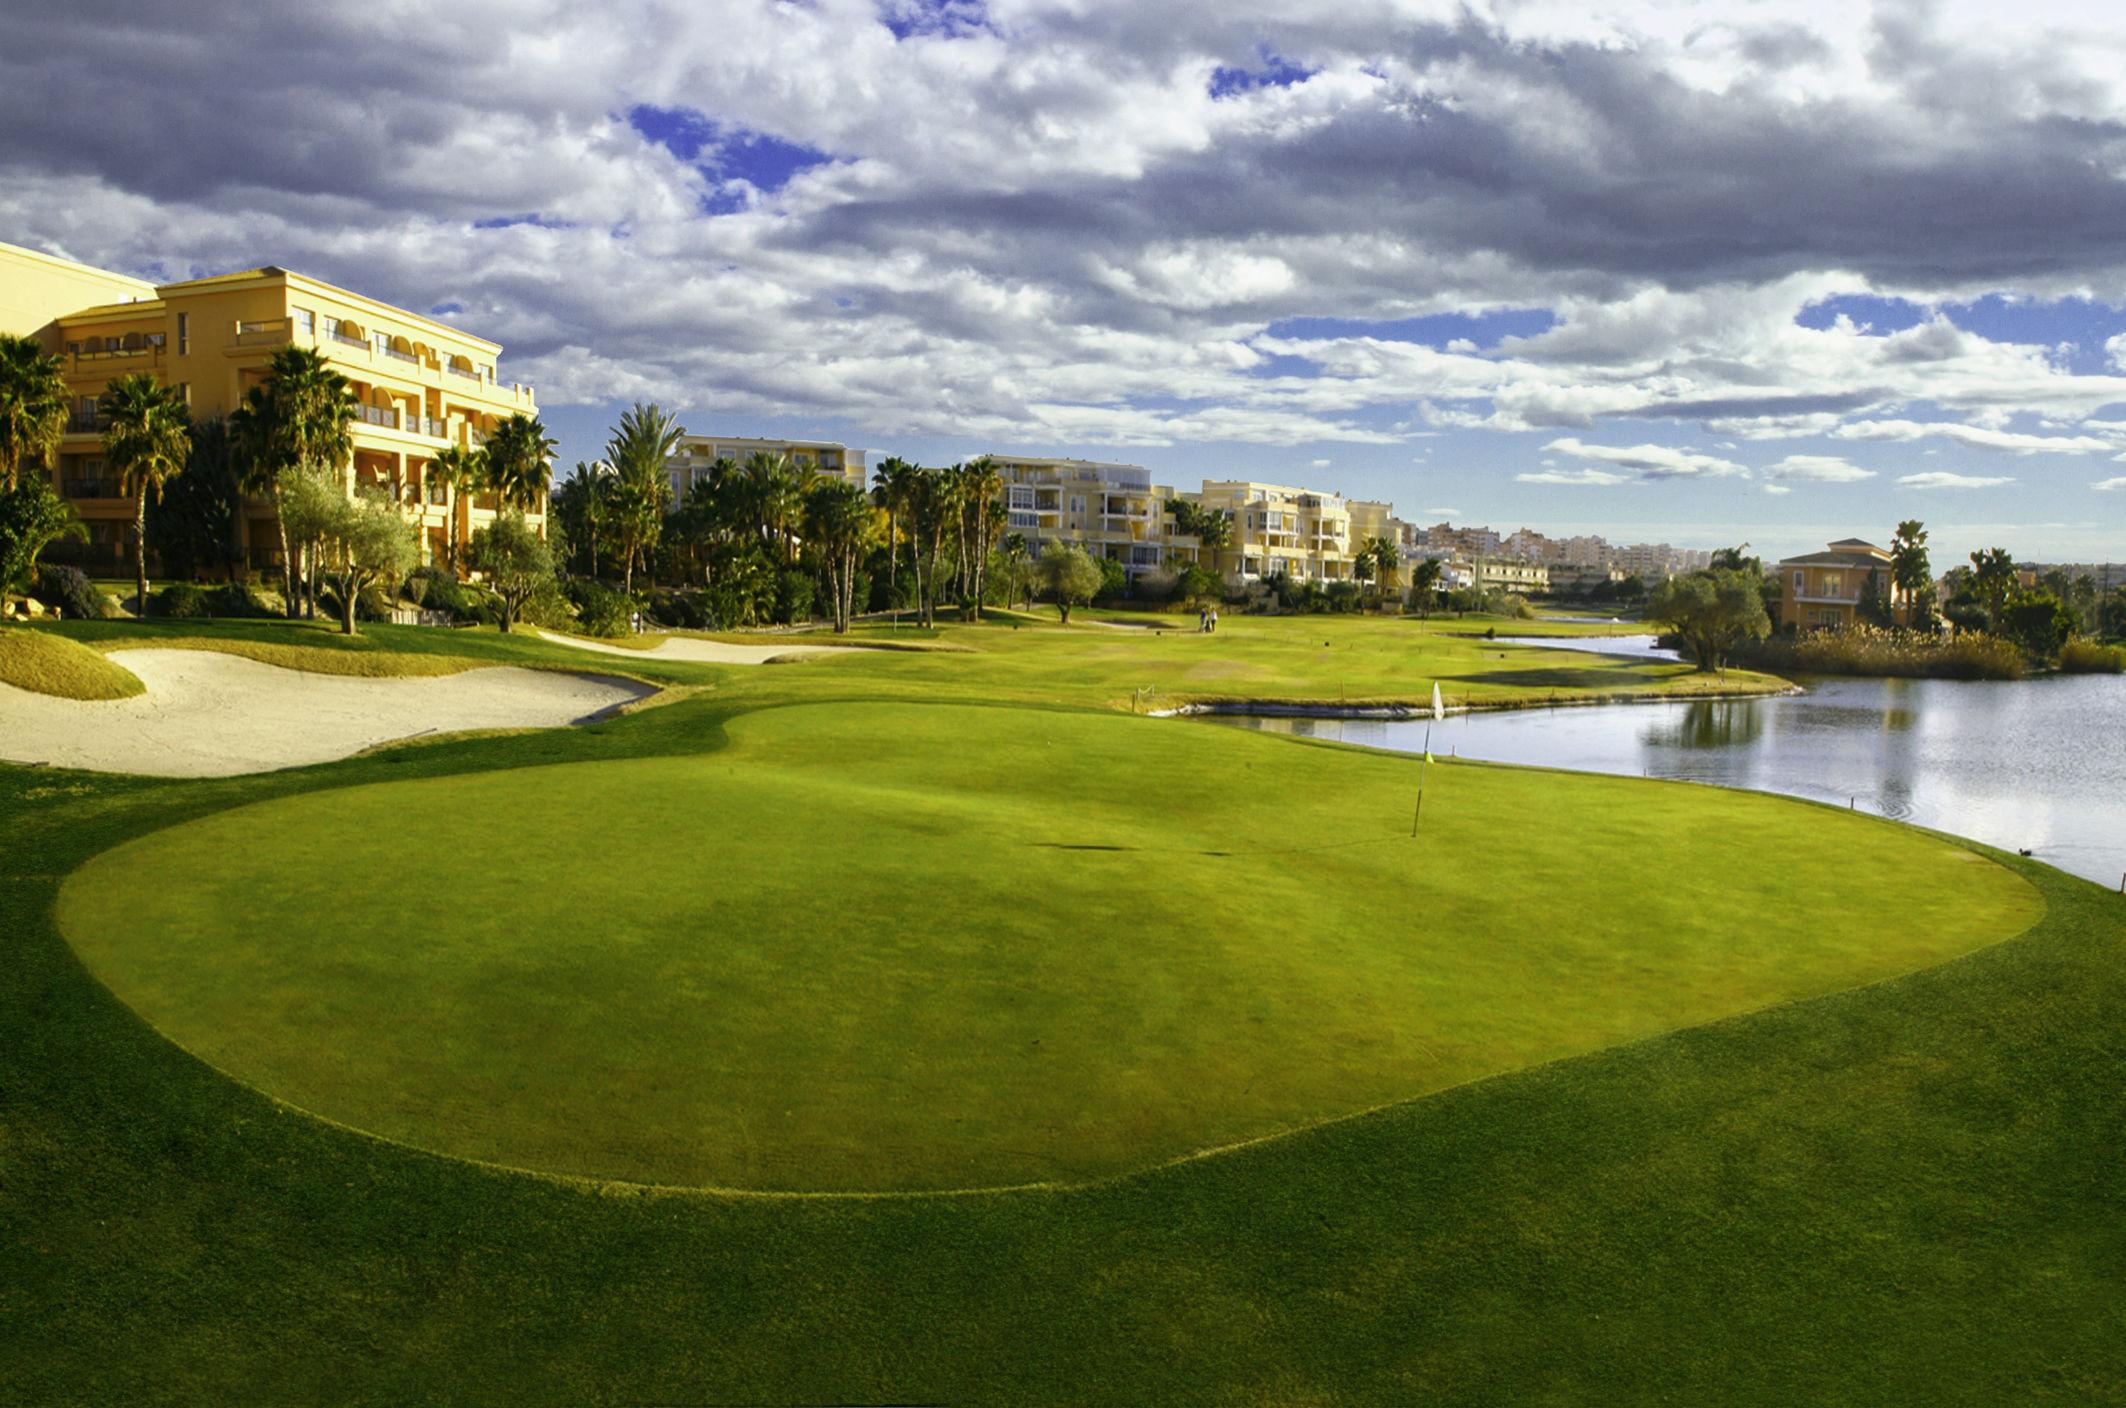 Alicante golf cover picture